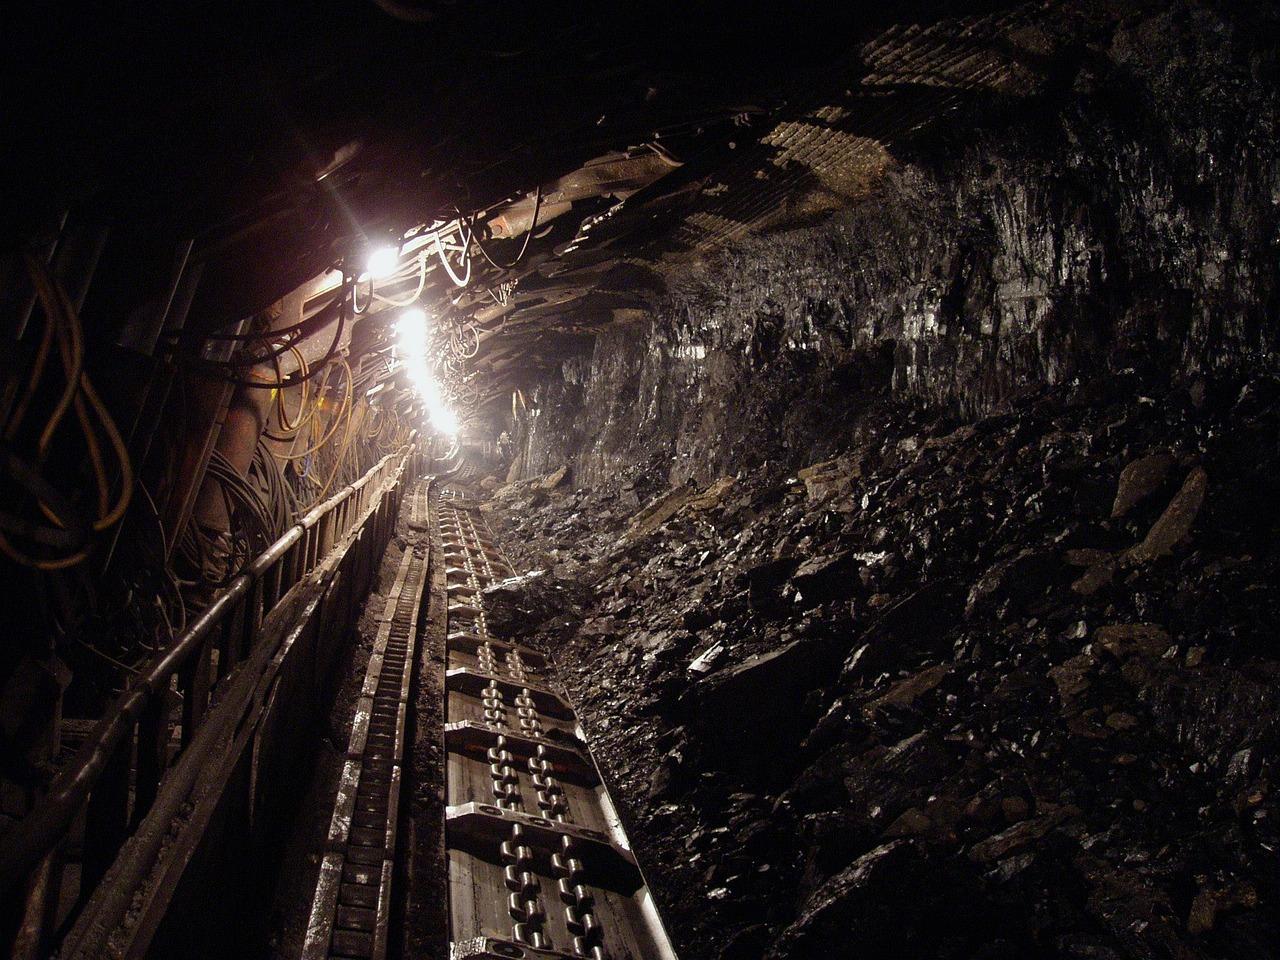 Тела троих мужчин нашли в заброшенной шахте в Алматинской области